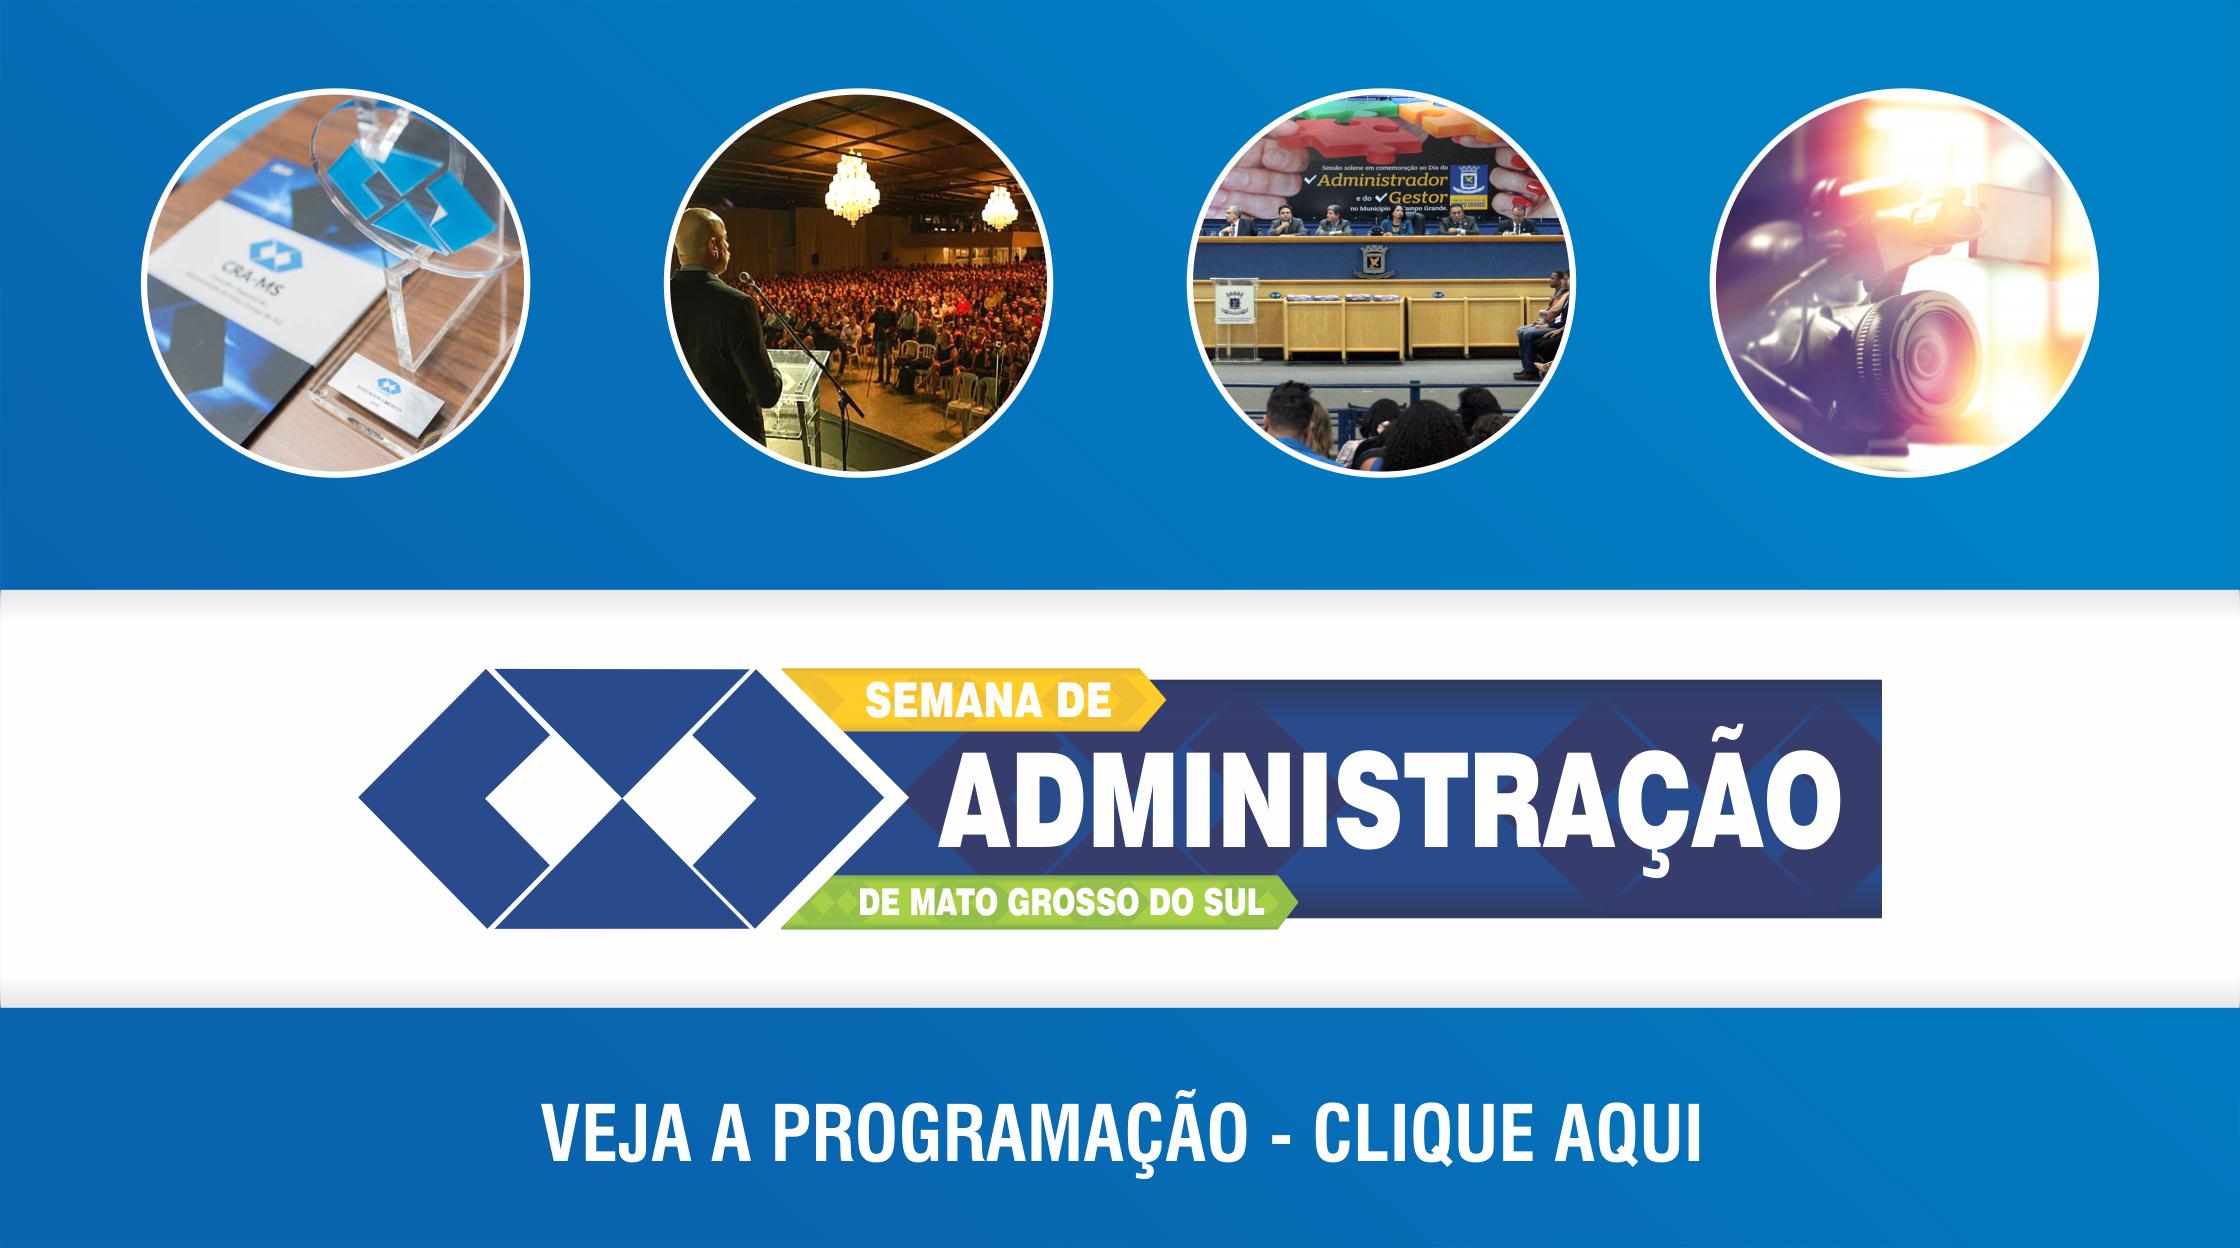 CRA-MS lança programação do Mês do Administrador 2019